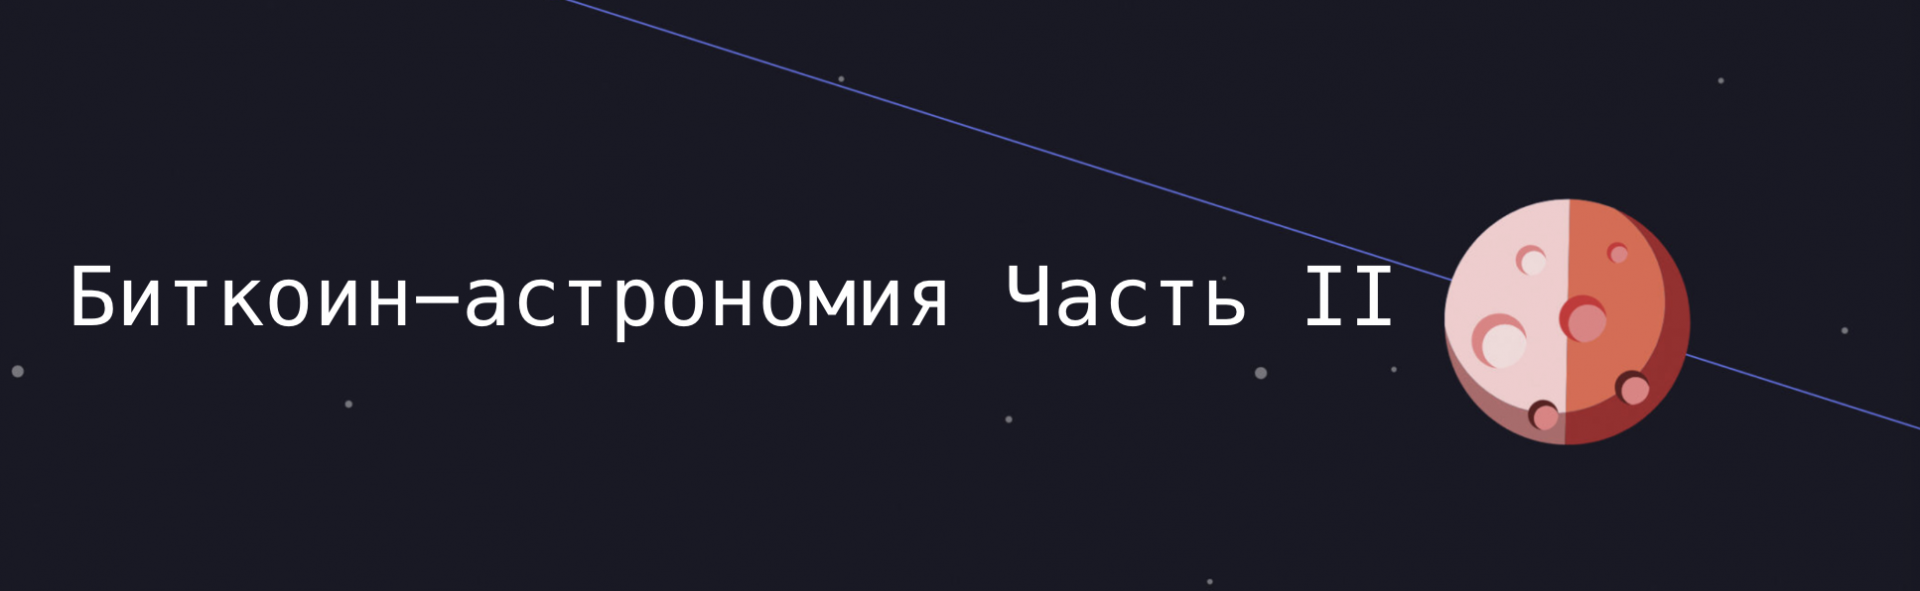 Перевод - recovery mode  Биткоин  астрономия Часть II